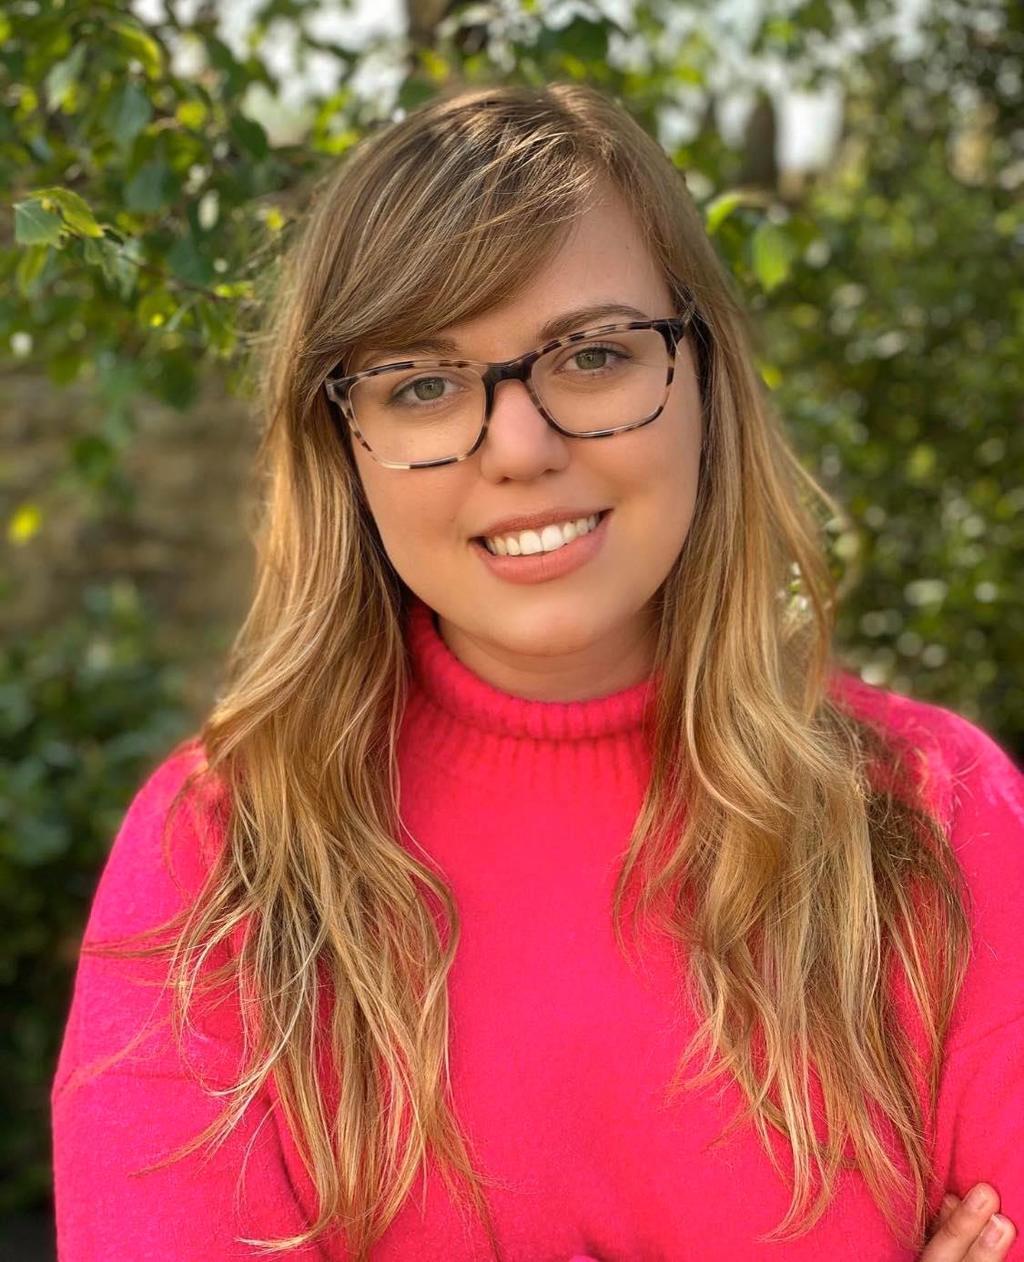 Allie Lawson